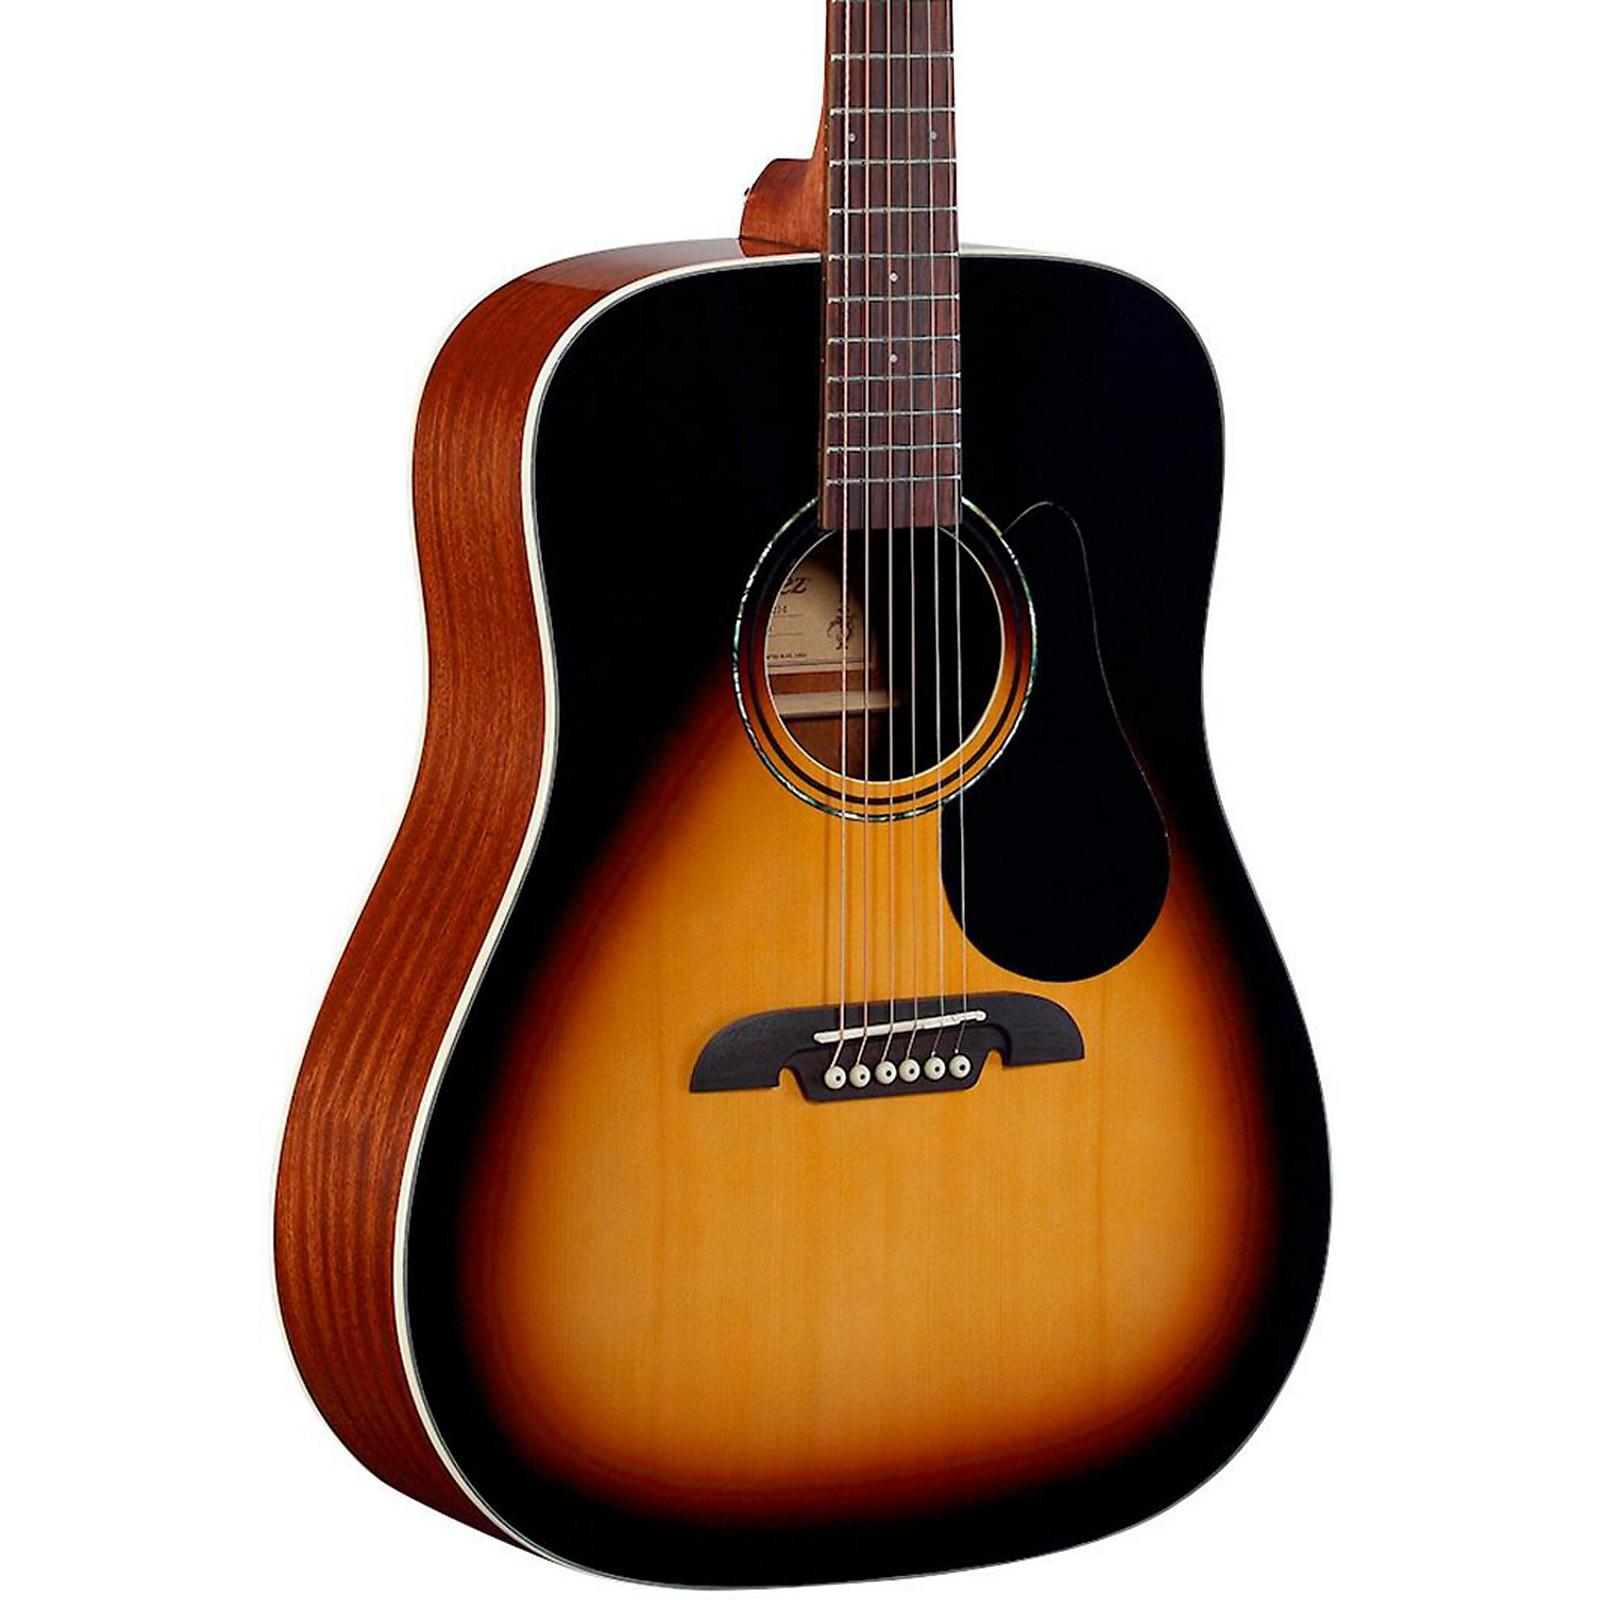 Alvarez RD26 Dreadnought Acoustic Guitar